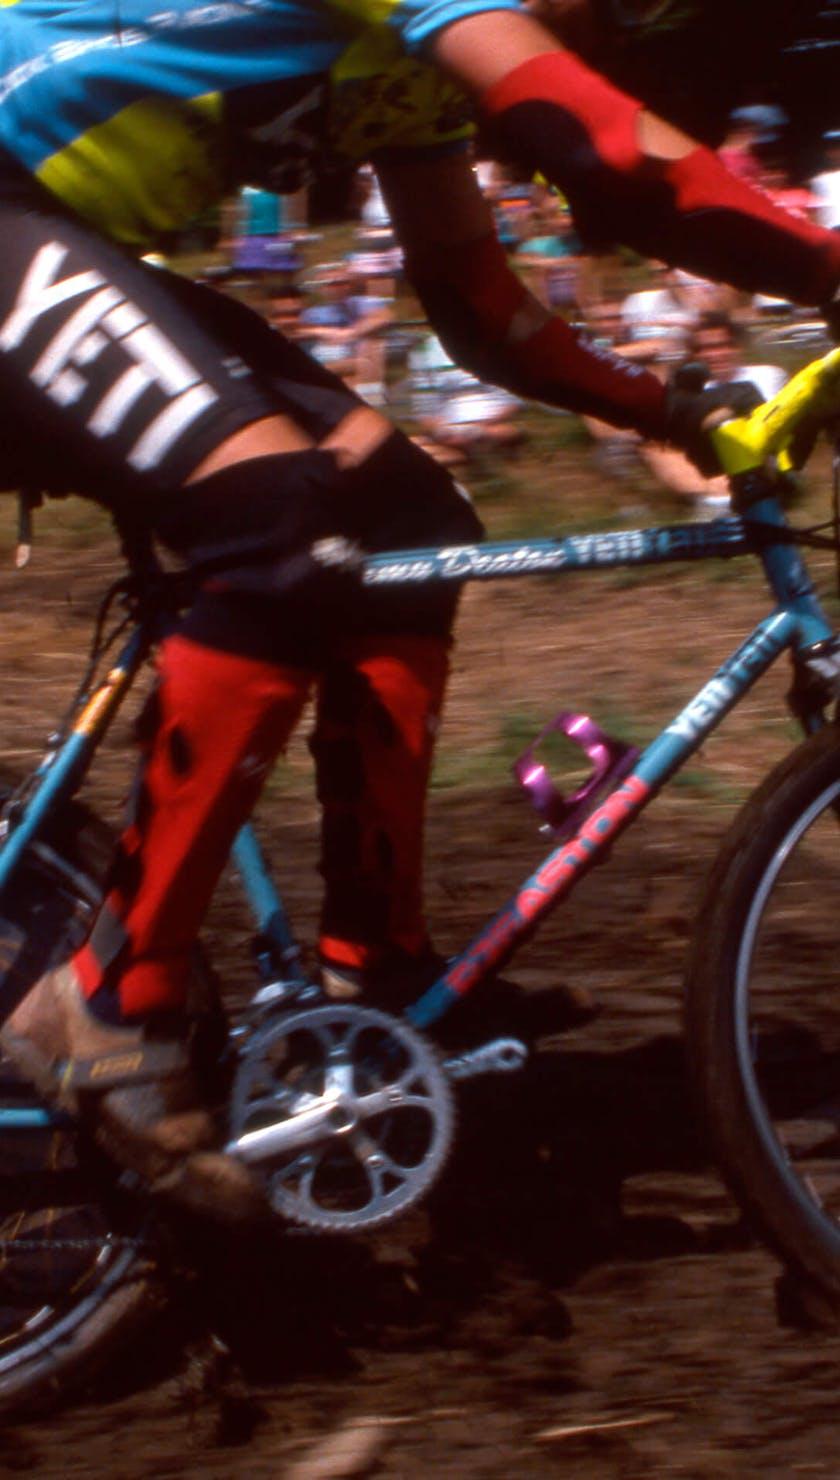 1990 Jimmy Deaton